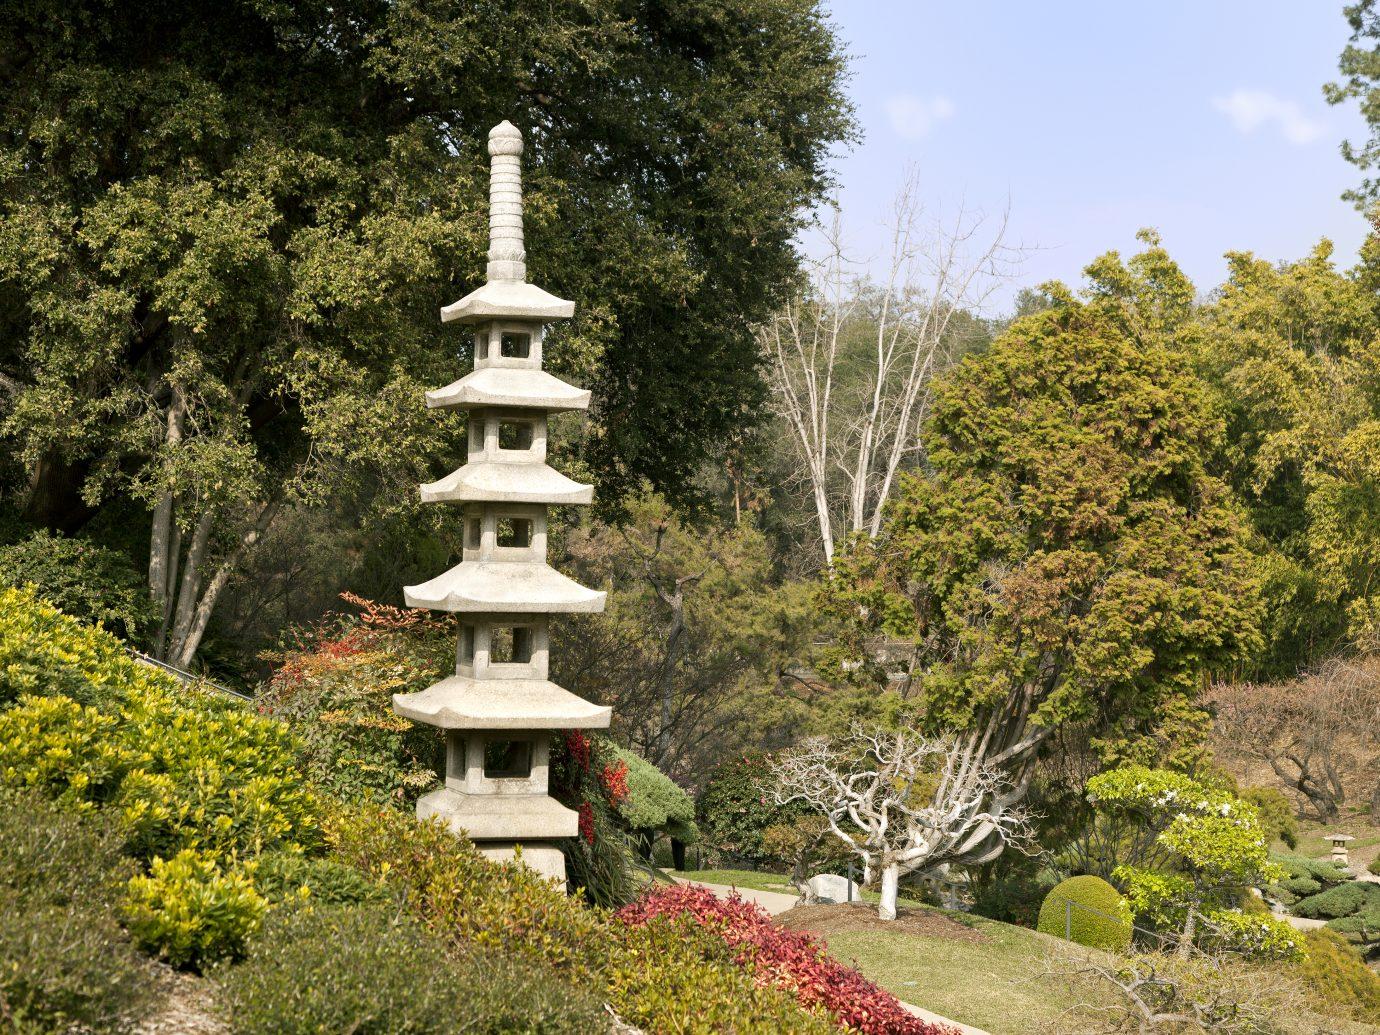 Huntington Japanese Garden in San Marino, California, USA.